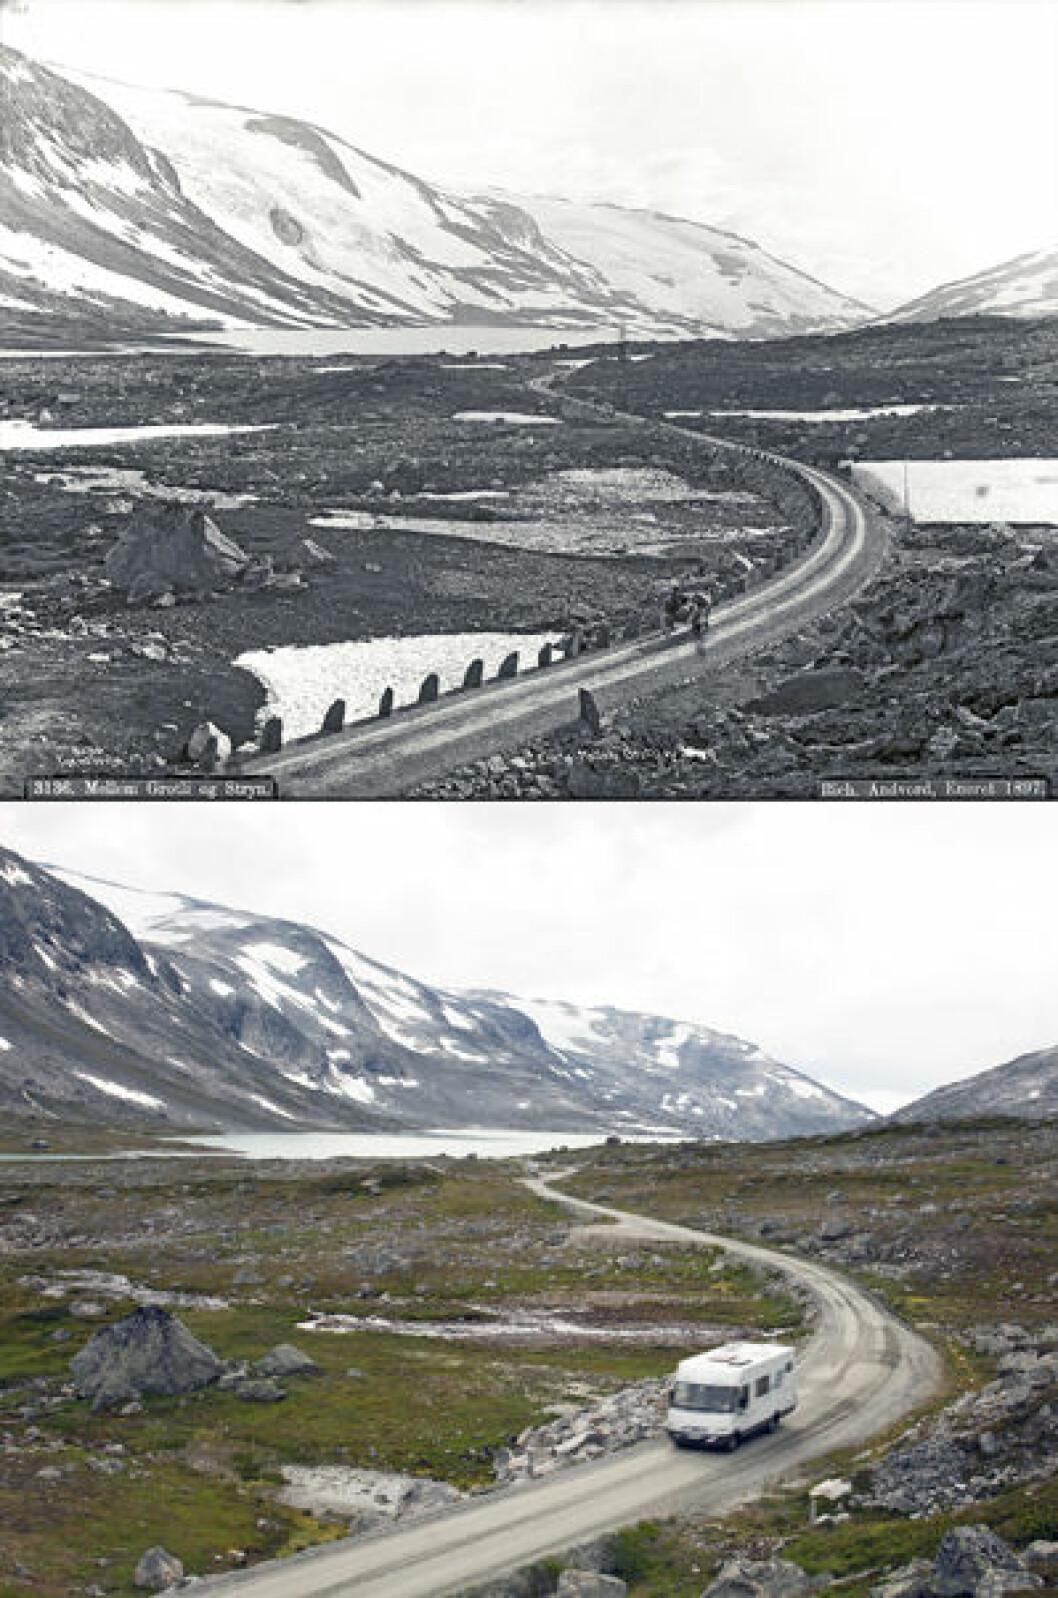 1896 og 2014: Gamleveien mellom Stryn og Grotli, i Skjåk i Oppland. Foto: Axel Lindahl/Oscar Puschmann